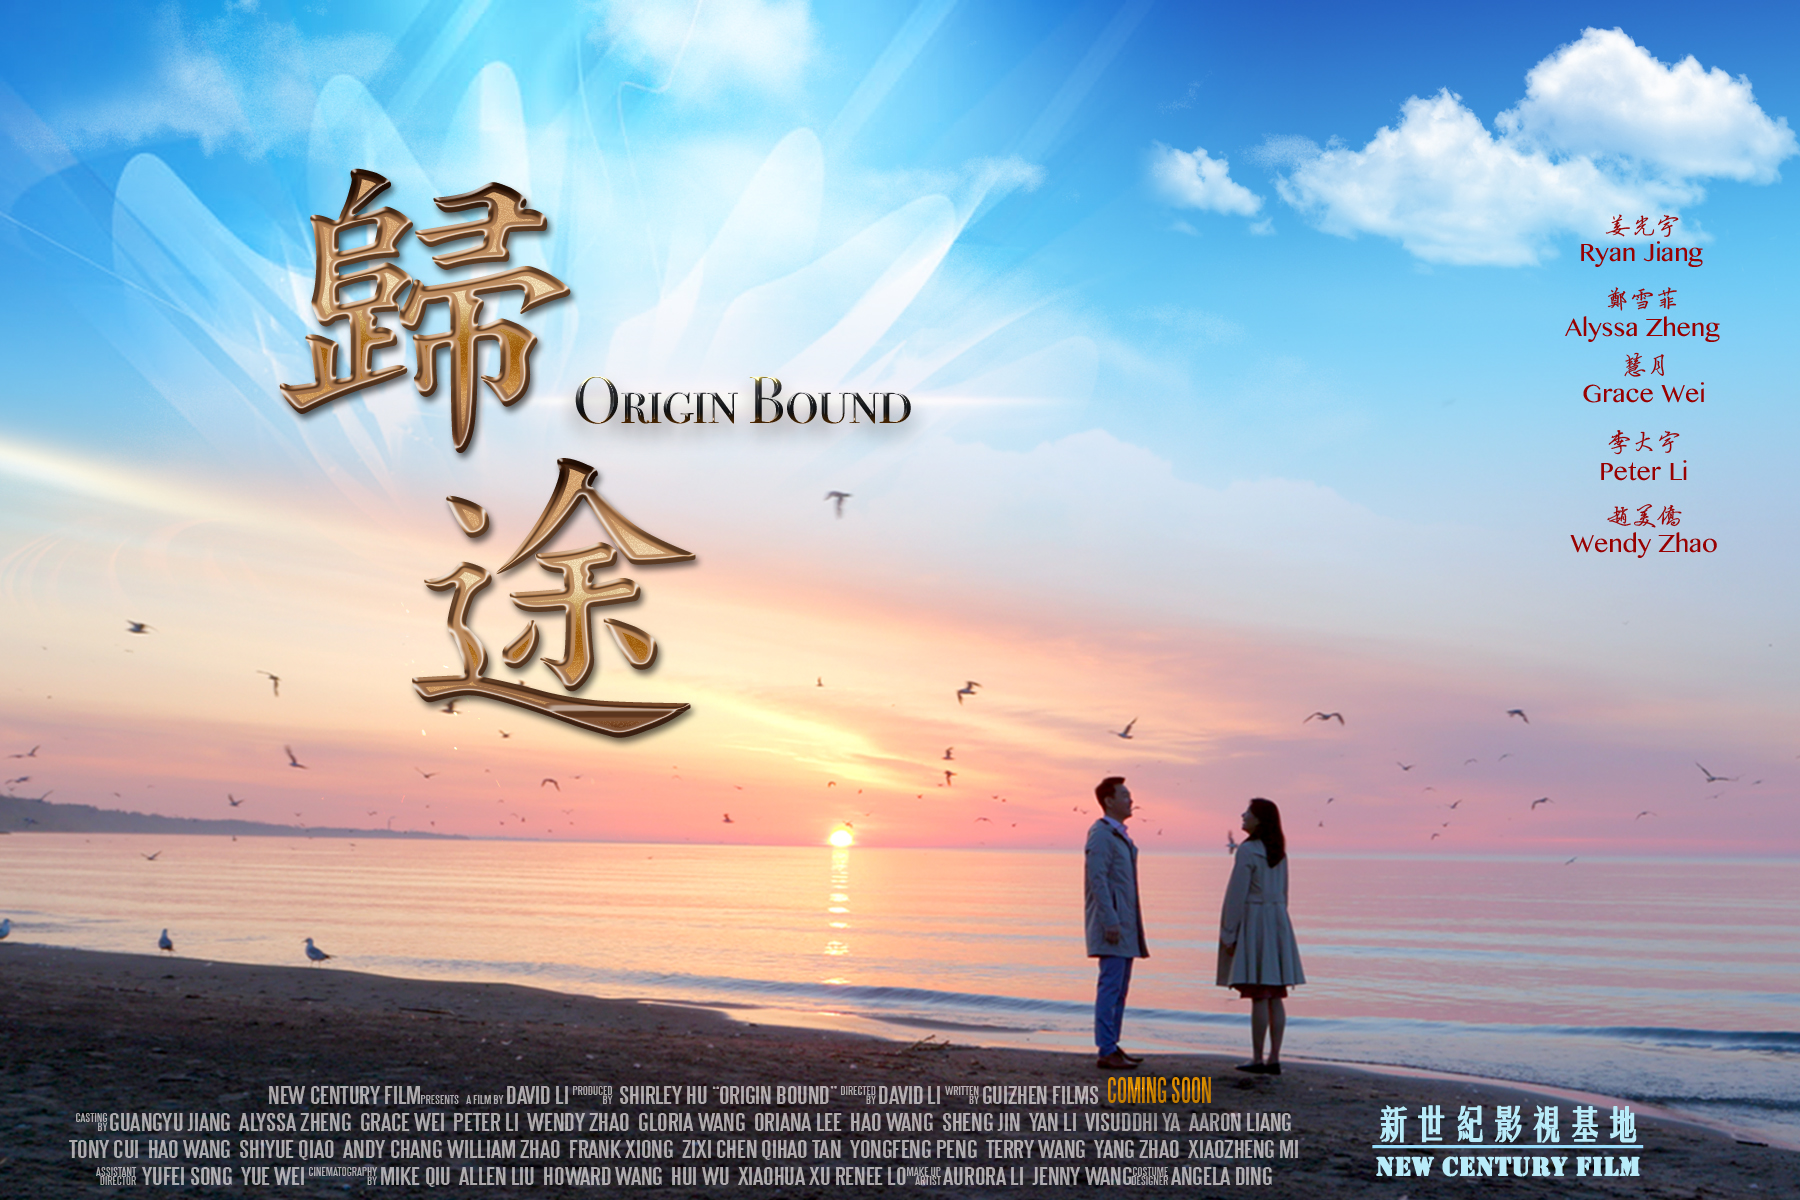 《歸途》將公映 姜光宇入圍電影節最佳男主角